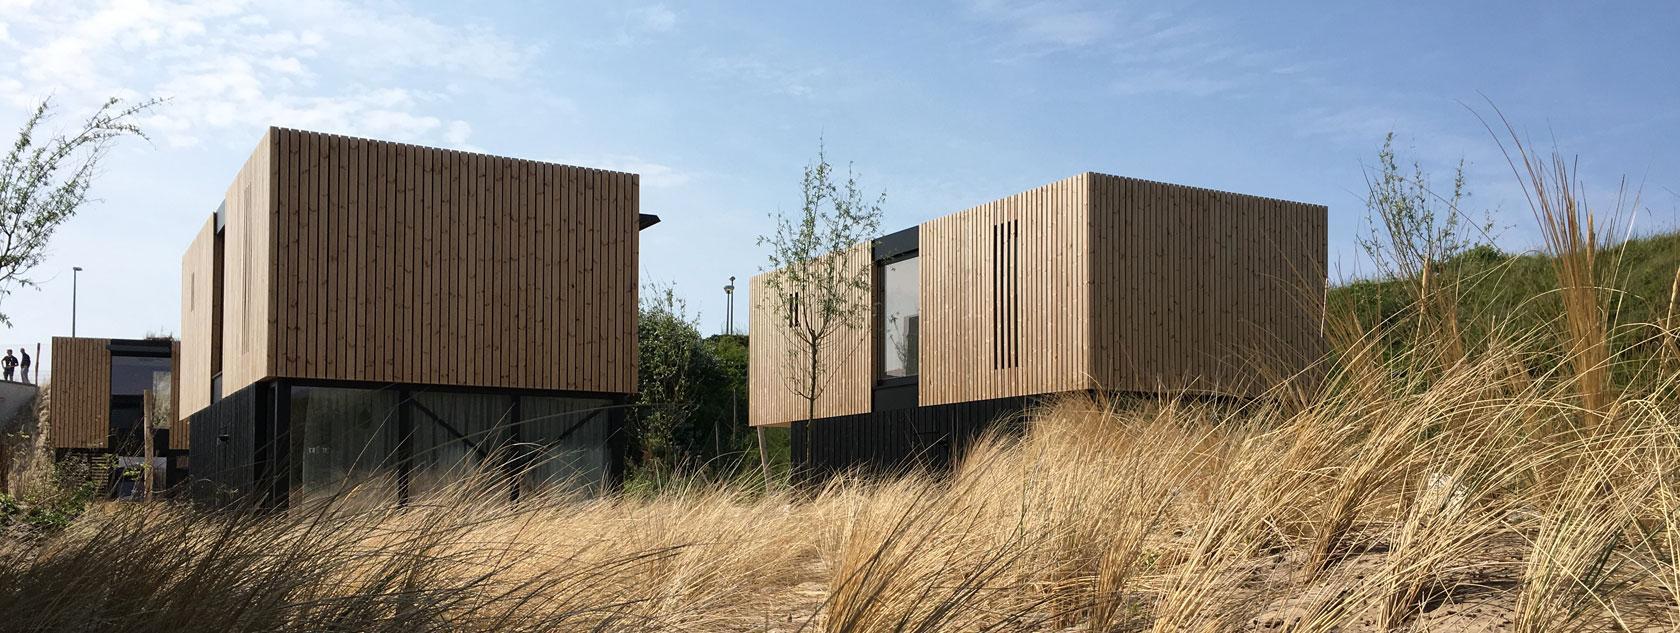 Vakantiehuis In Zandvoort Zandvoort Beachforamsterdam